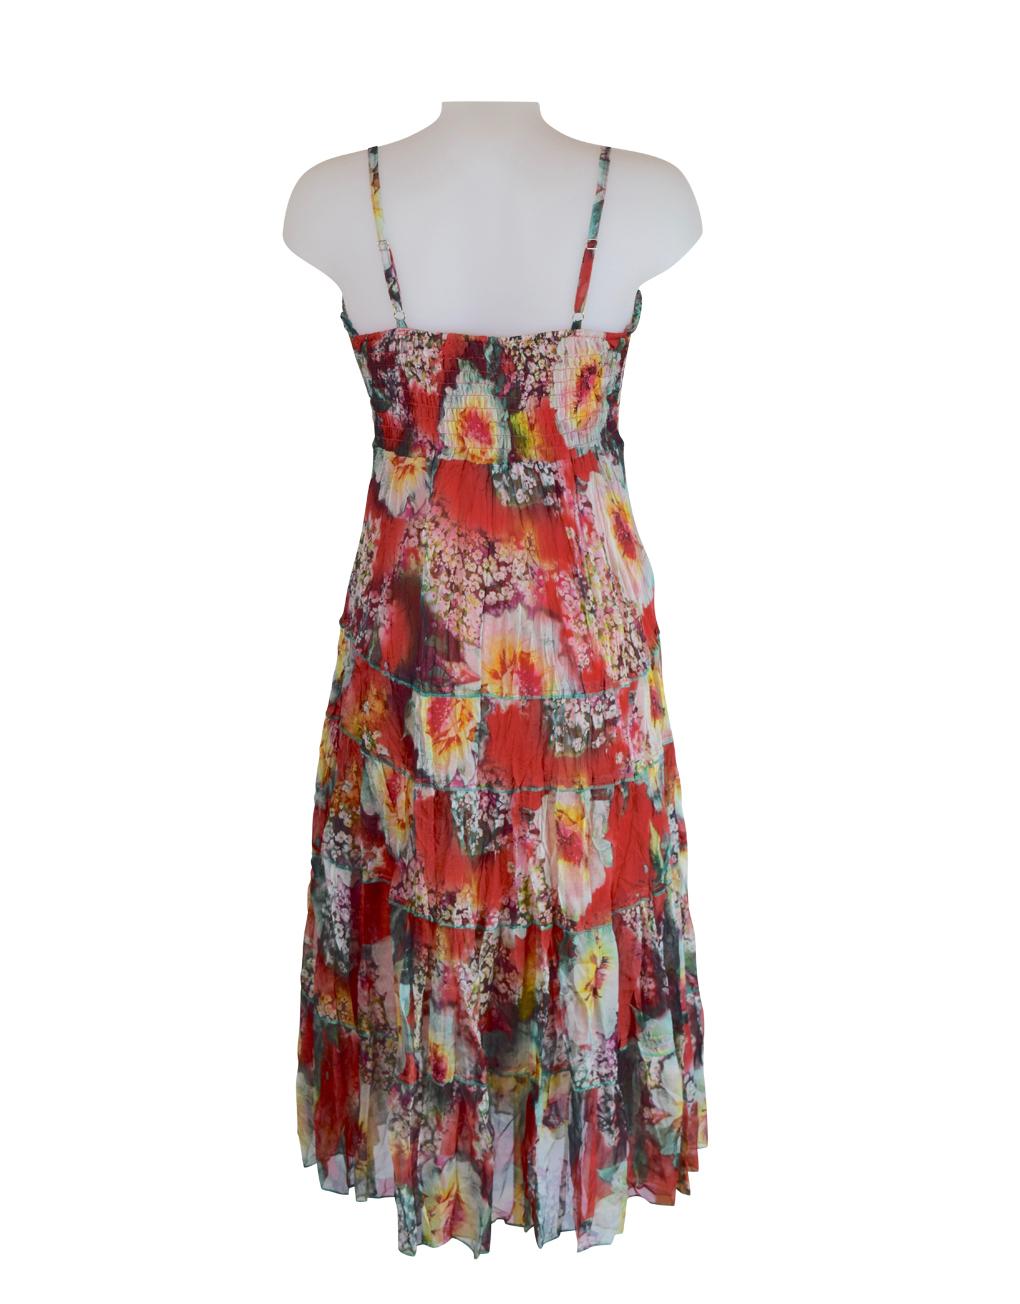 Sensations Pour Elle's Red Maxi Dress